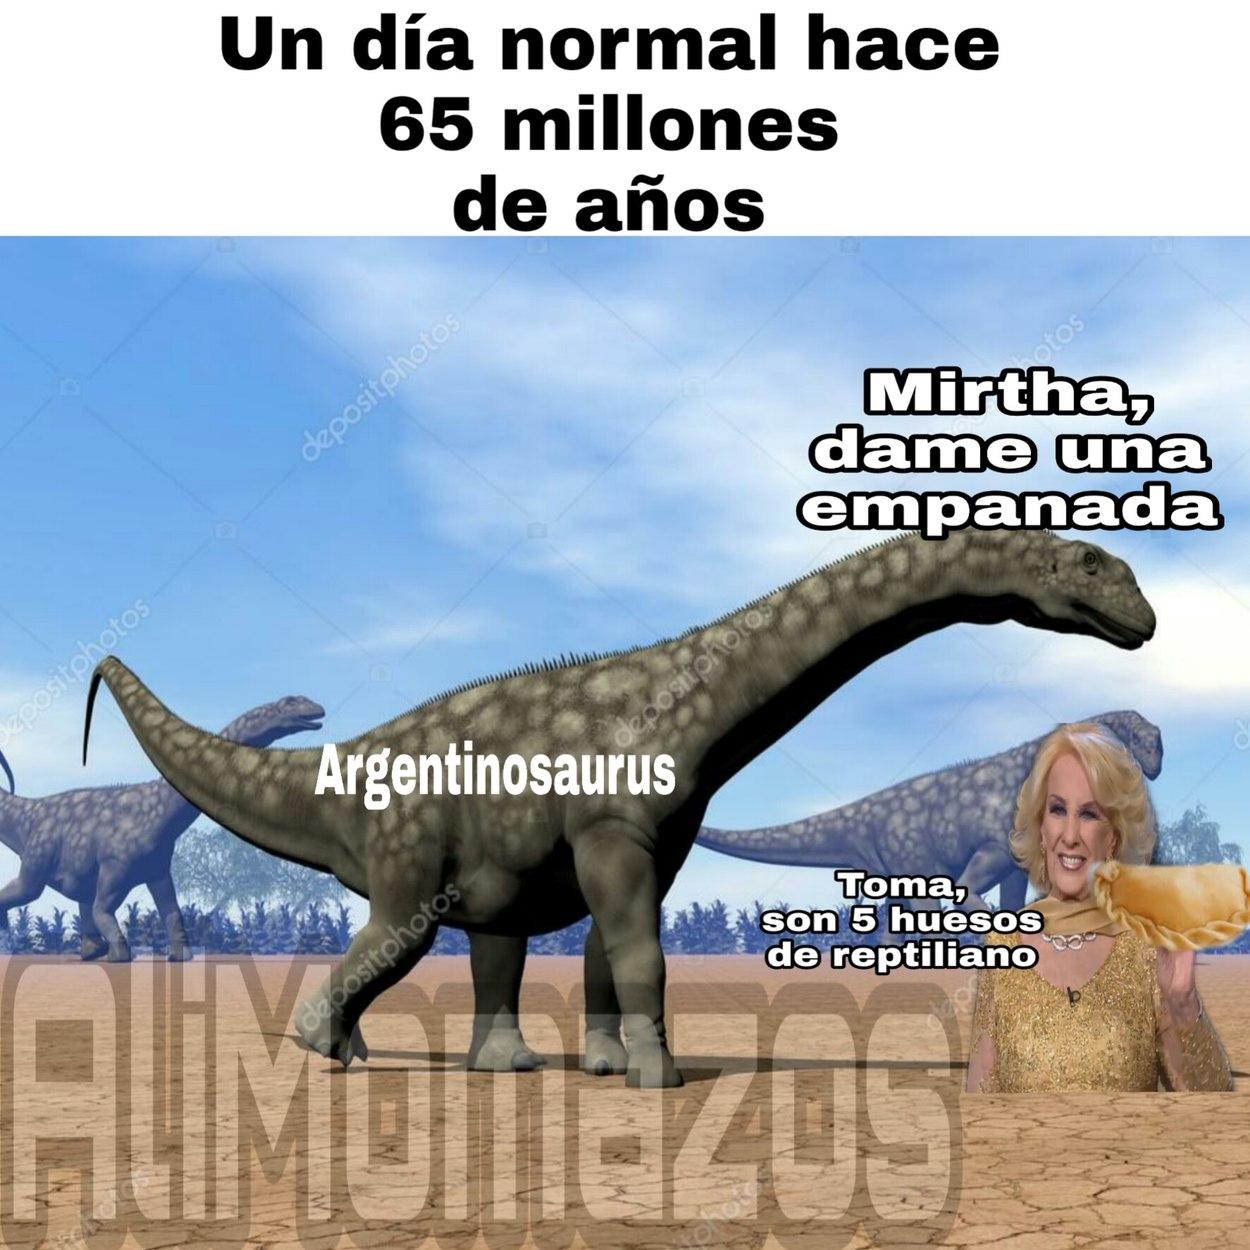 El argentinosaurus comprando empanadas a mirtha - meme